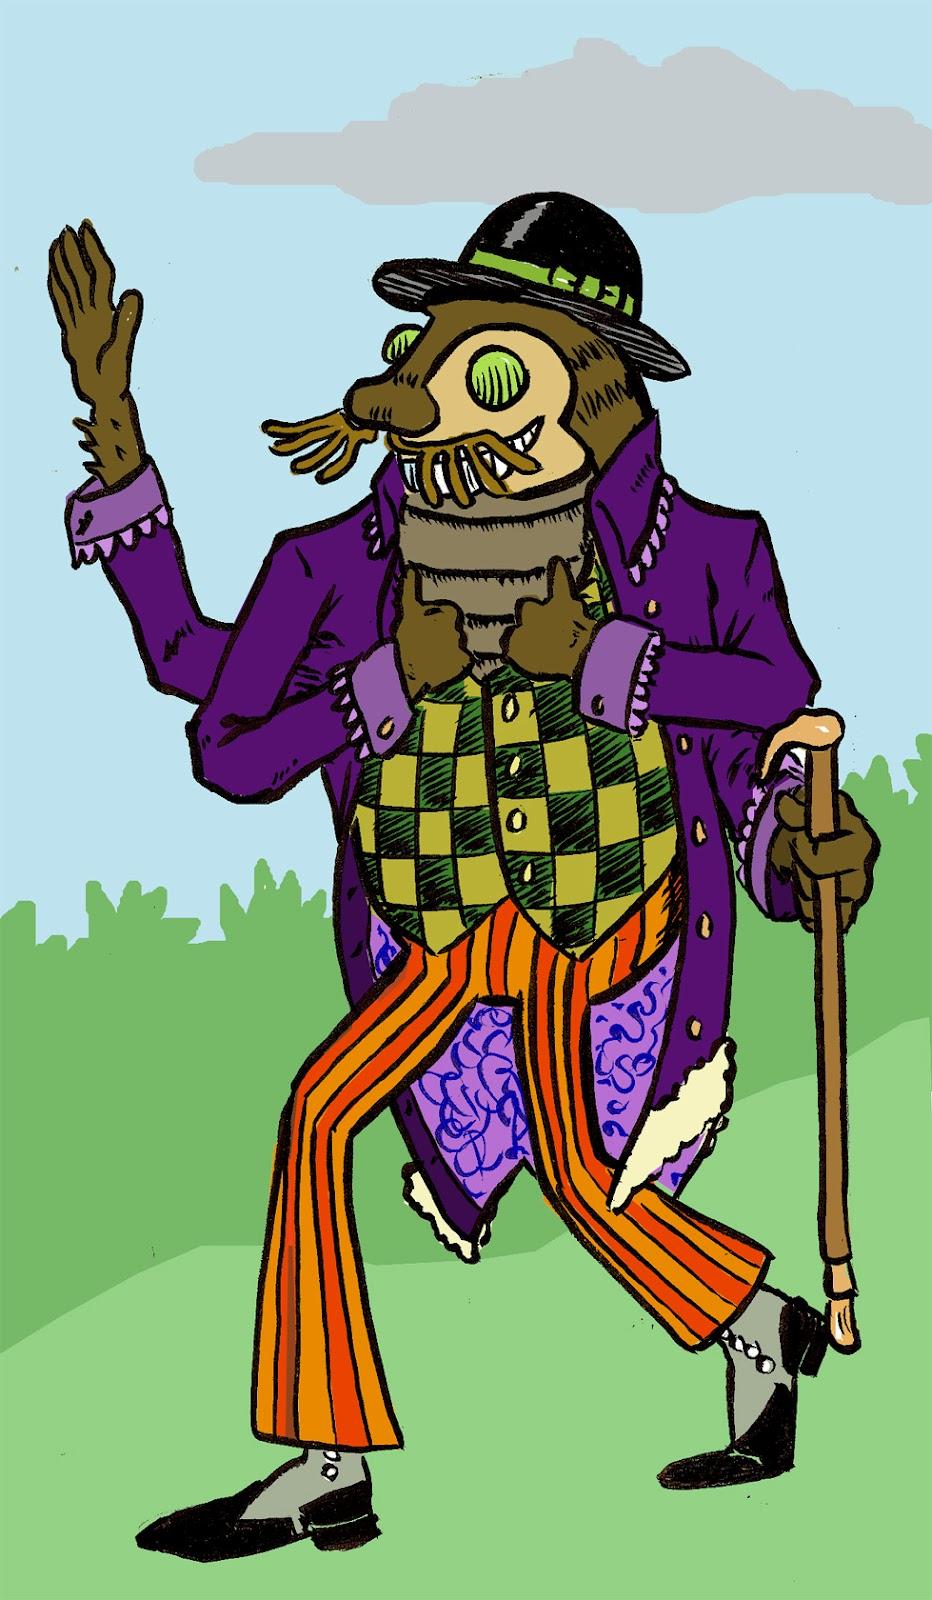 Humbug Phantom Tollbooth